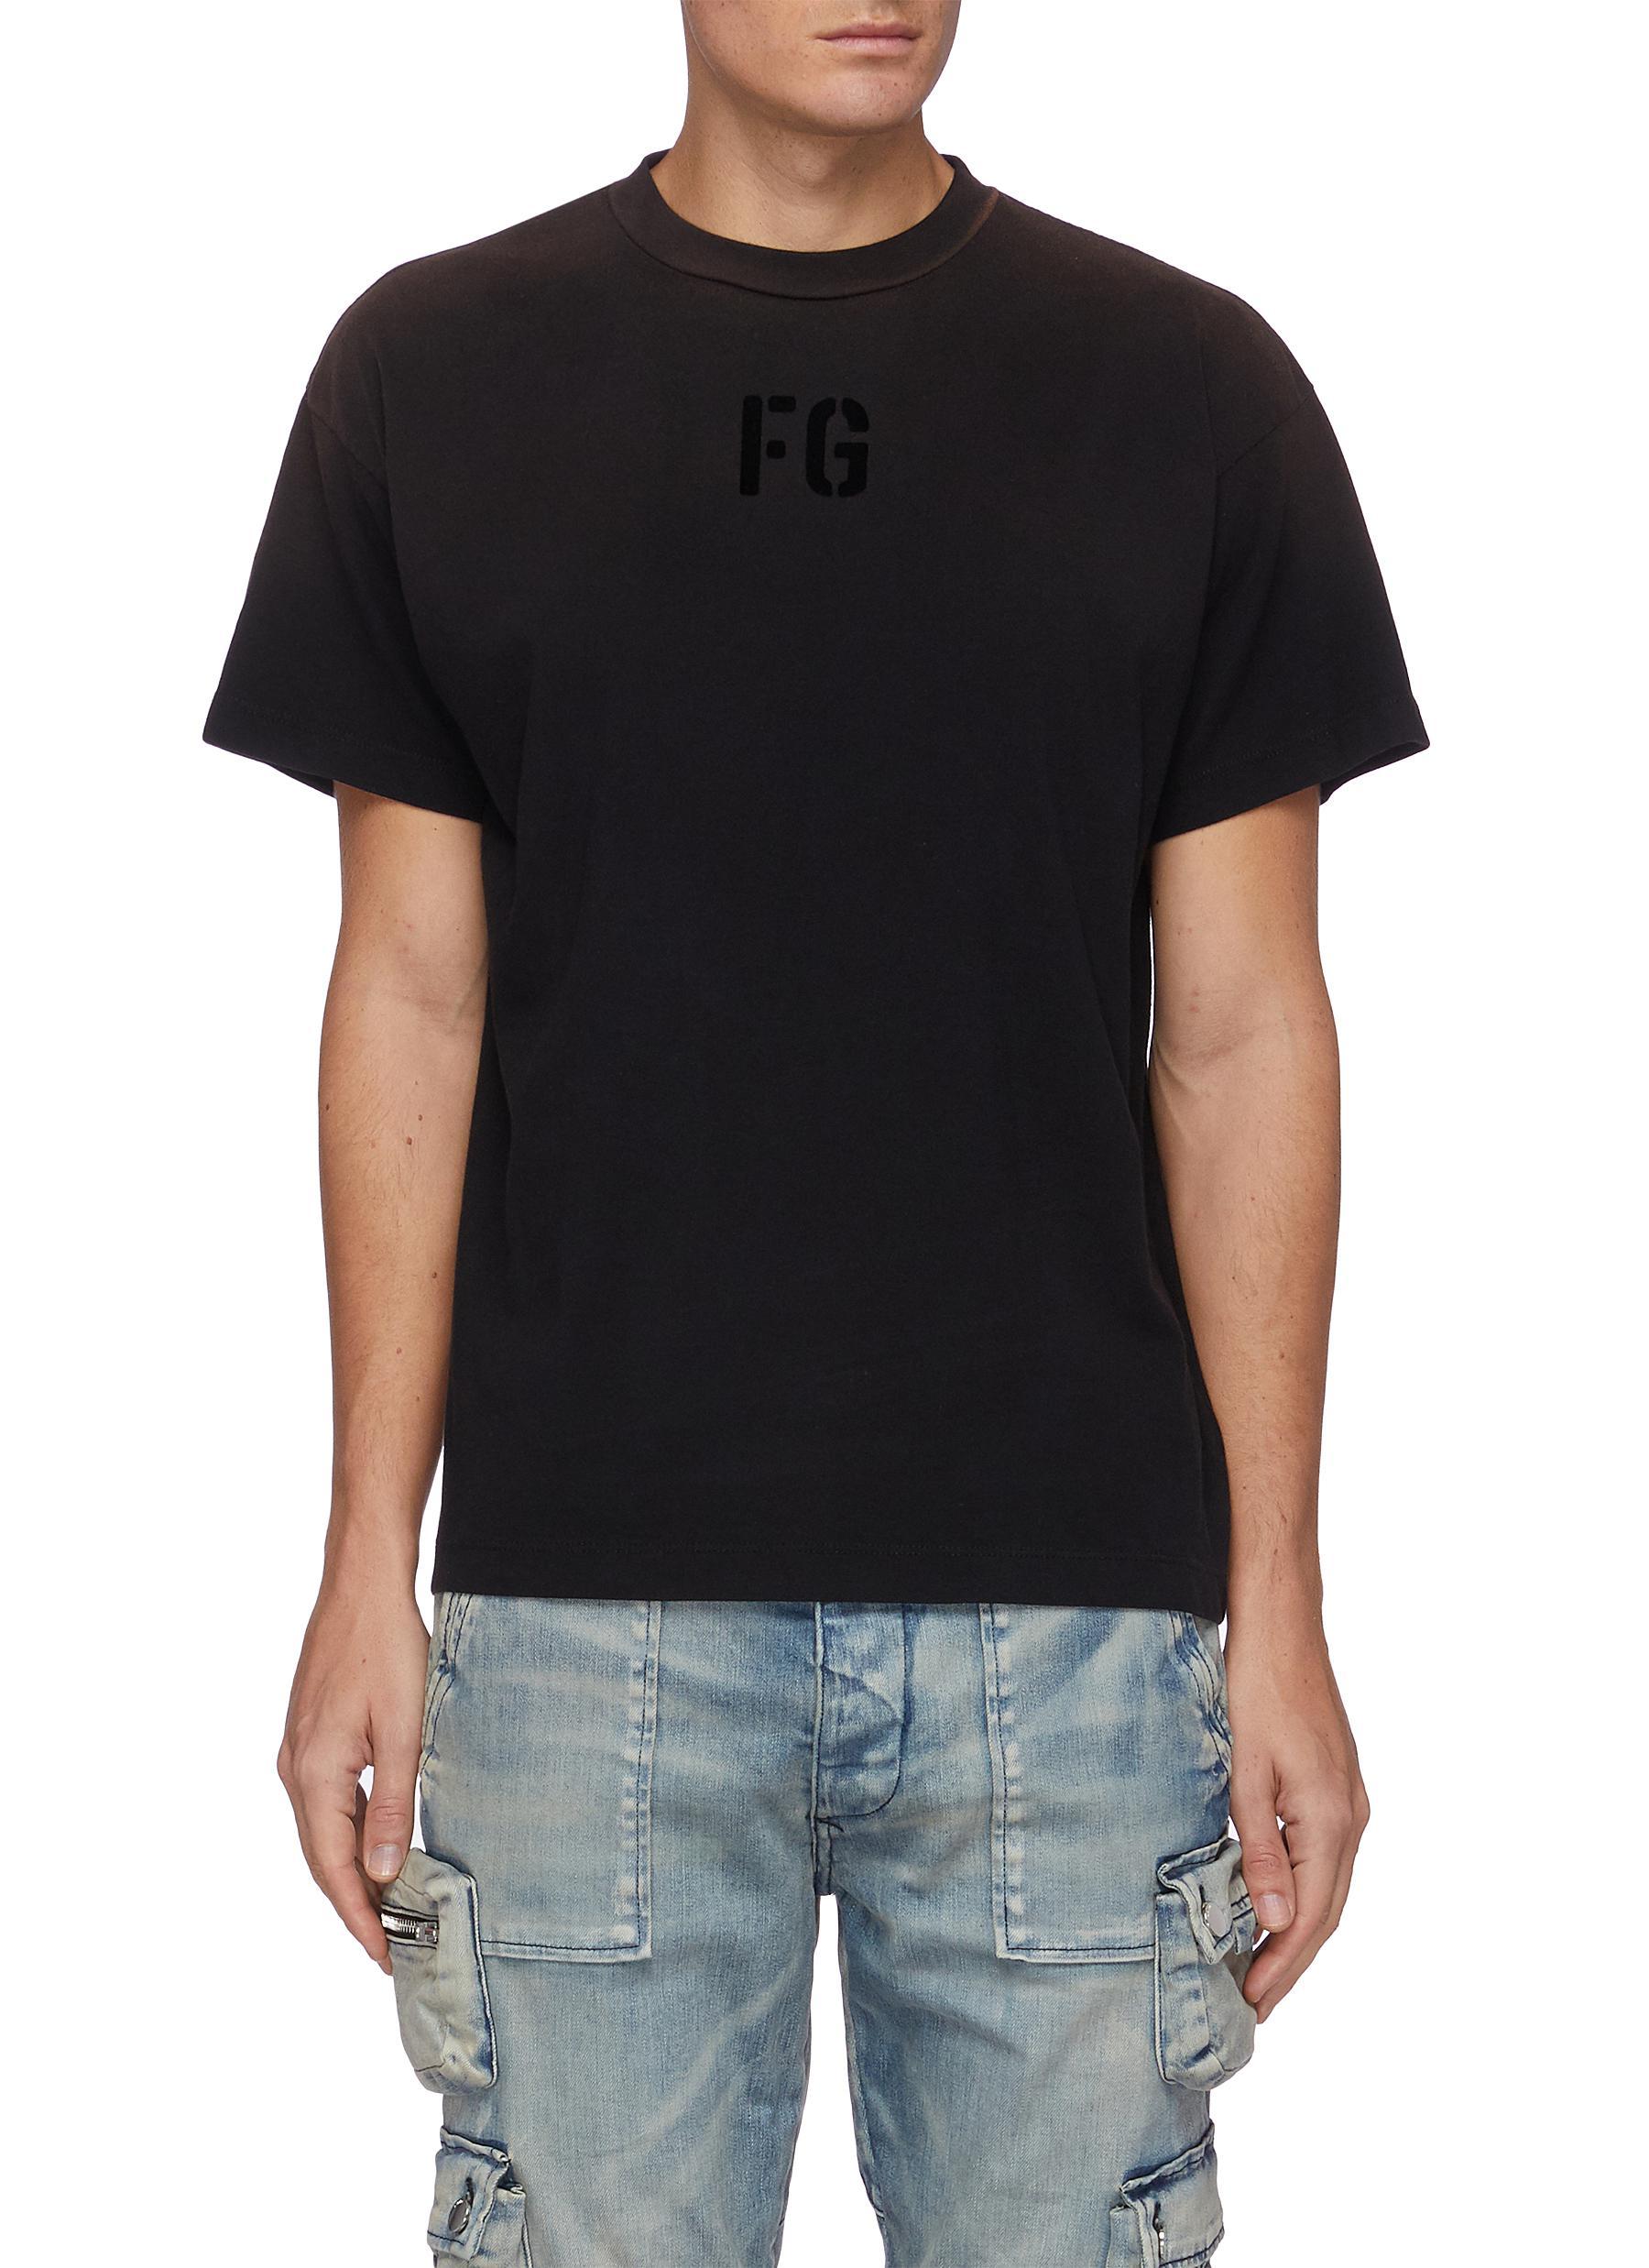 Fear Of God T-shirts FLEECE LOGO COTTON JERSEY T-SHIRT